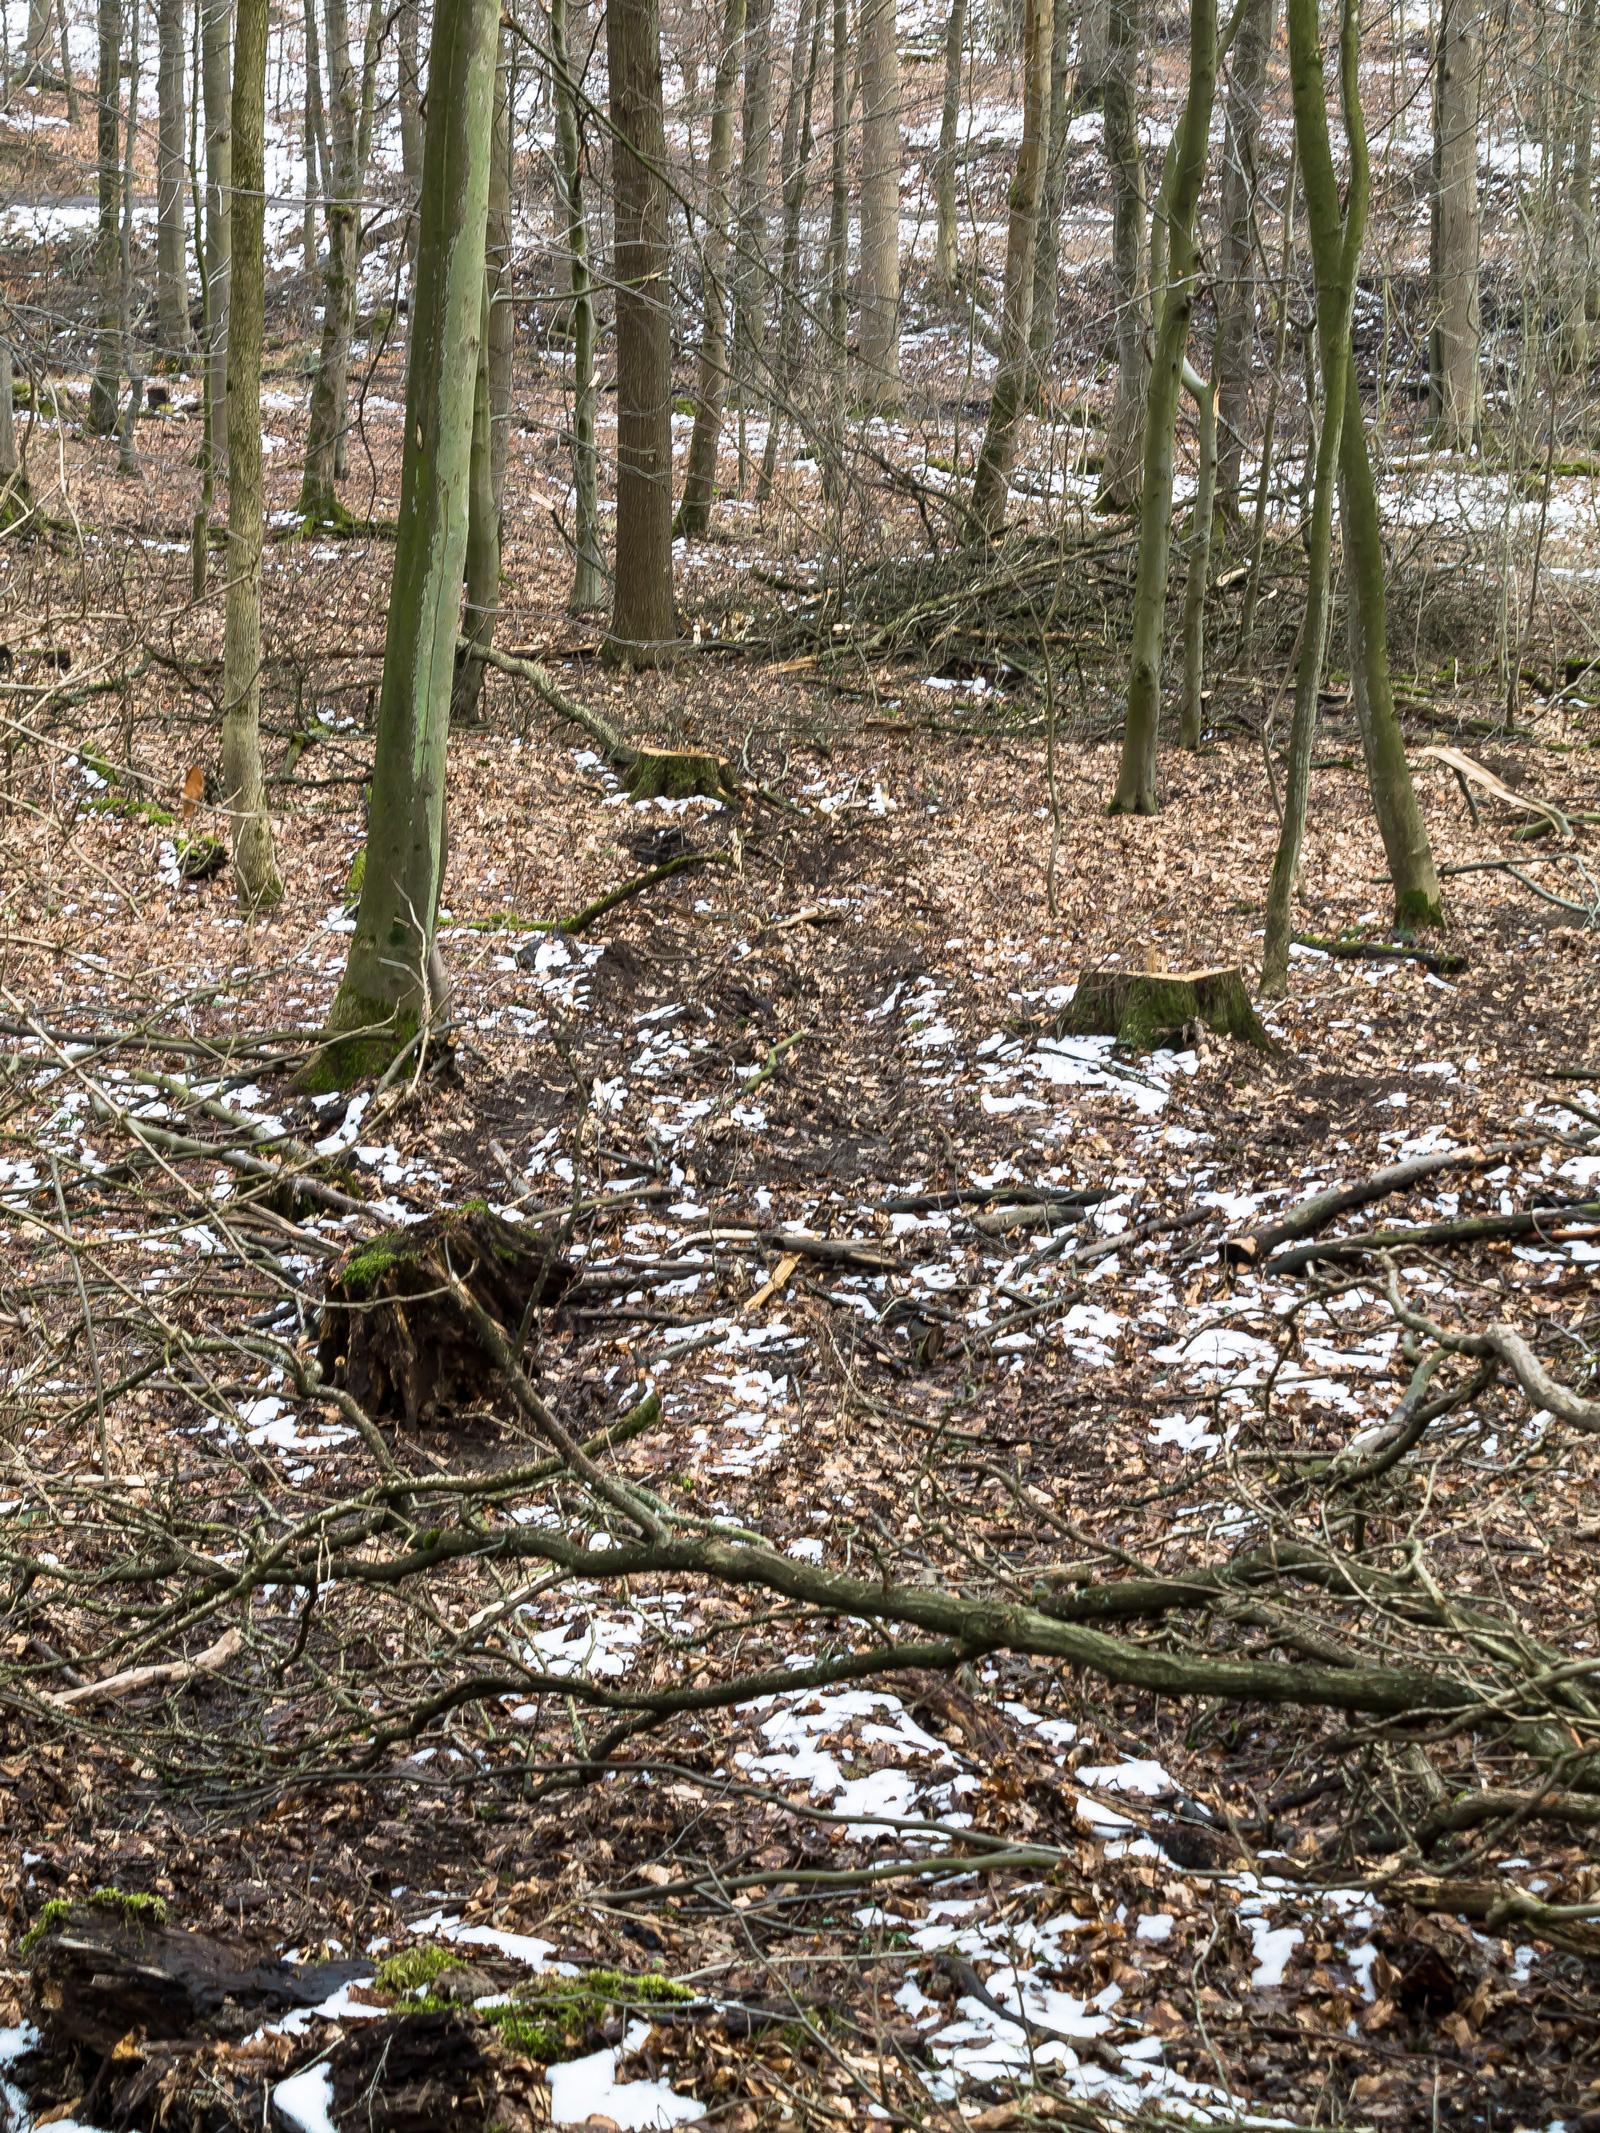 Weg quer durch den Wald zu 2 Baumstümpfen